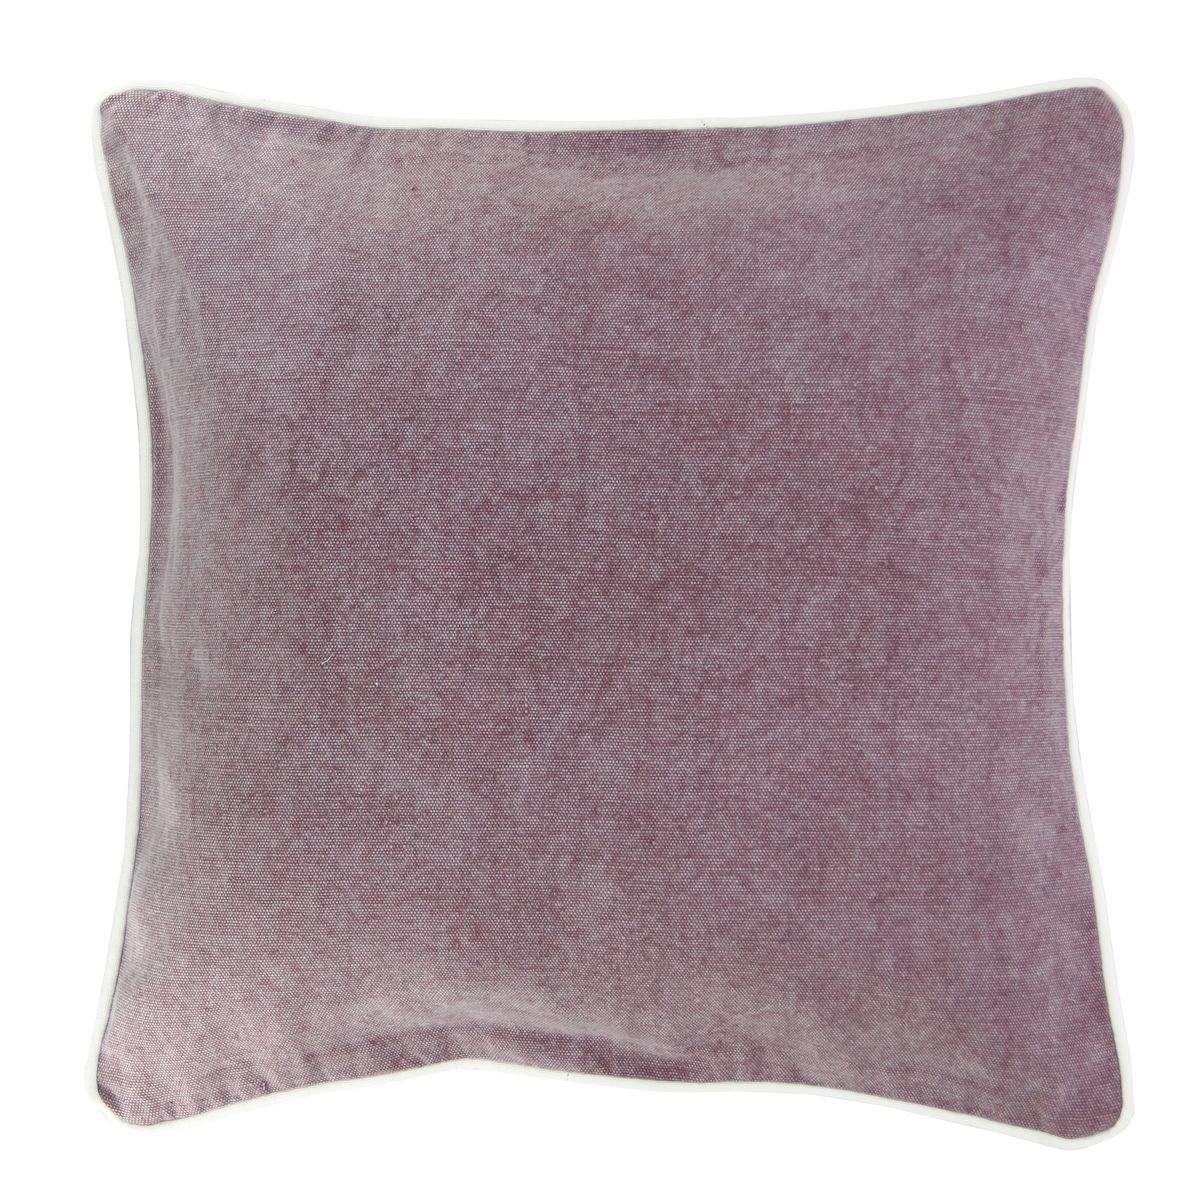 Coussin en coton lavé rose 45x45